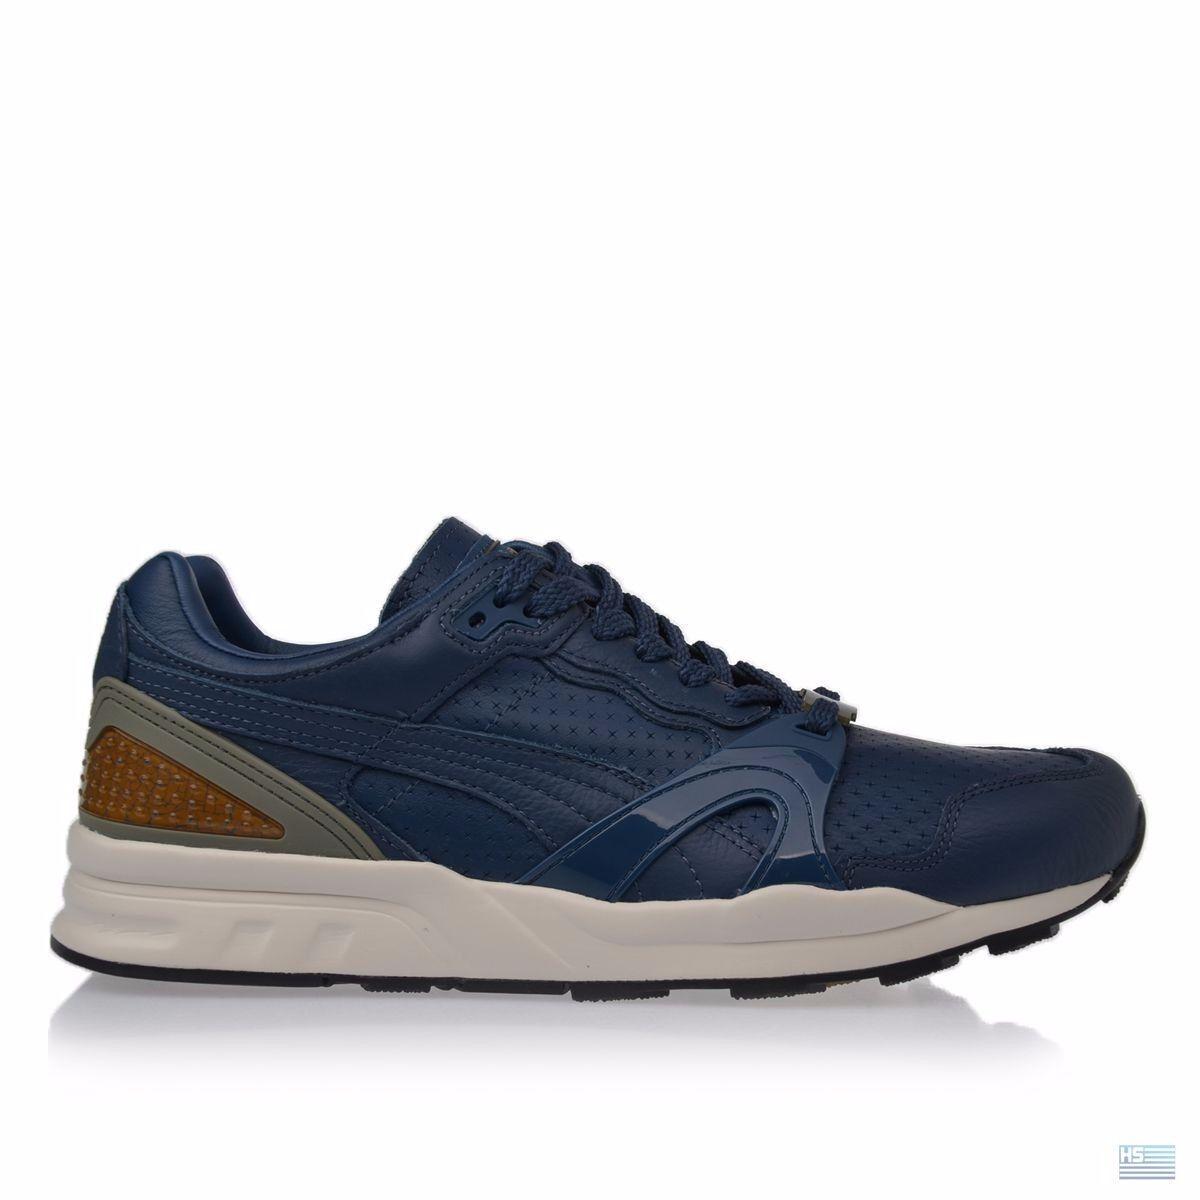 Original PUMA TRINOMIC XT2 CRKL Turnschuhe blau Schuhe Sample Gr. 42      Feinen Qualität